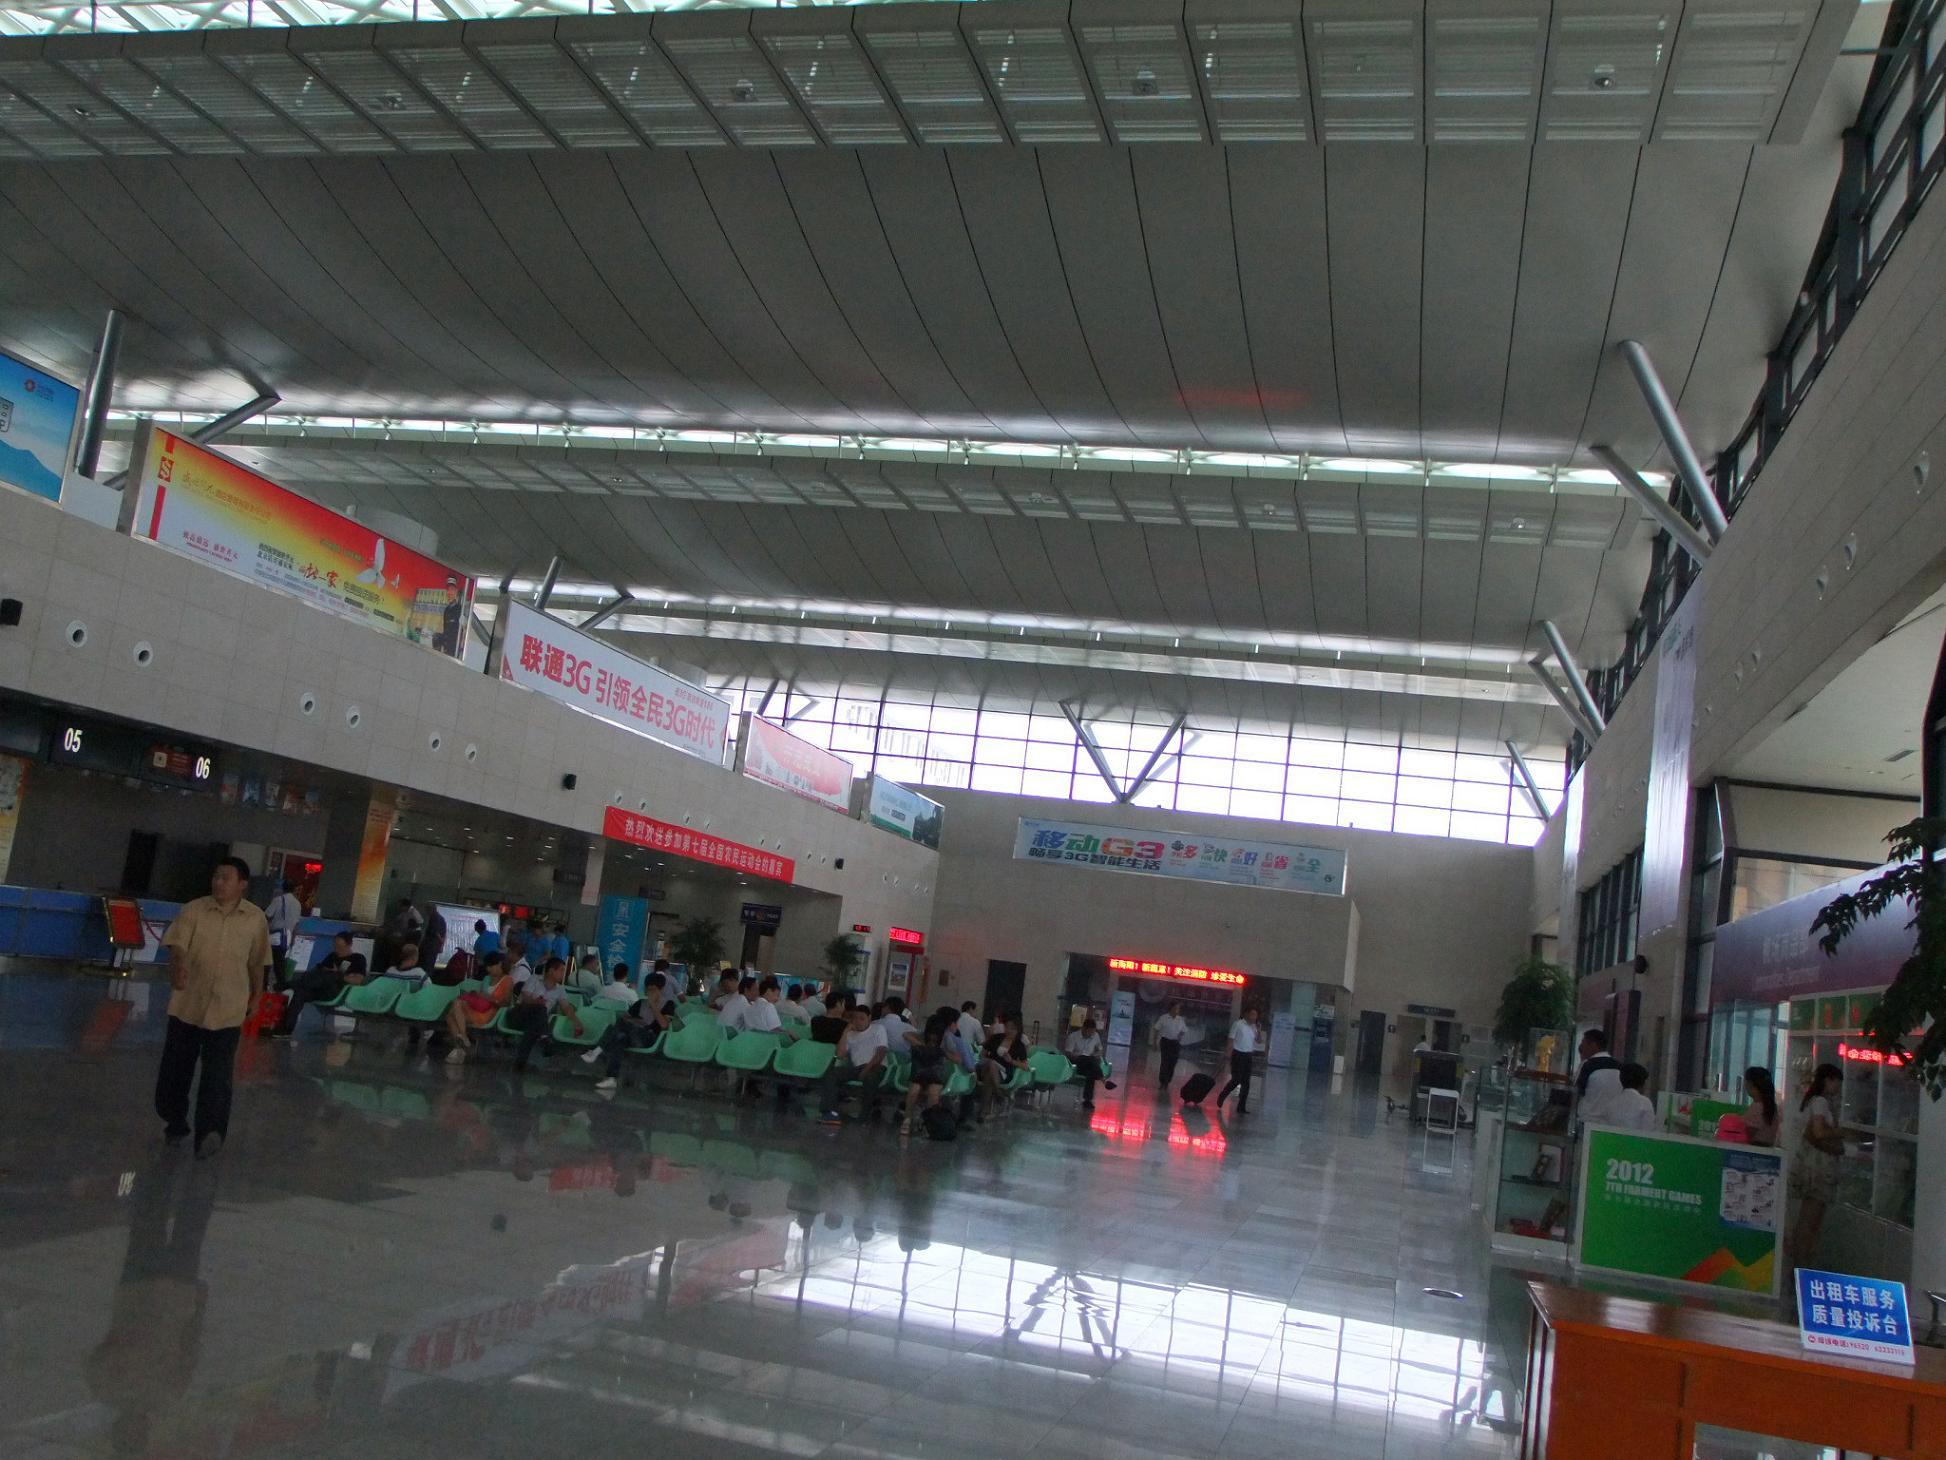 南阳飞机场-摄友聊吧-36行南阳社区-36.01ny